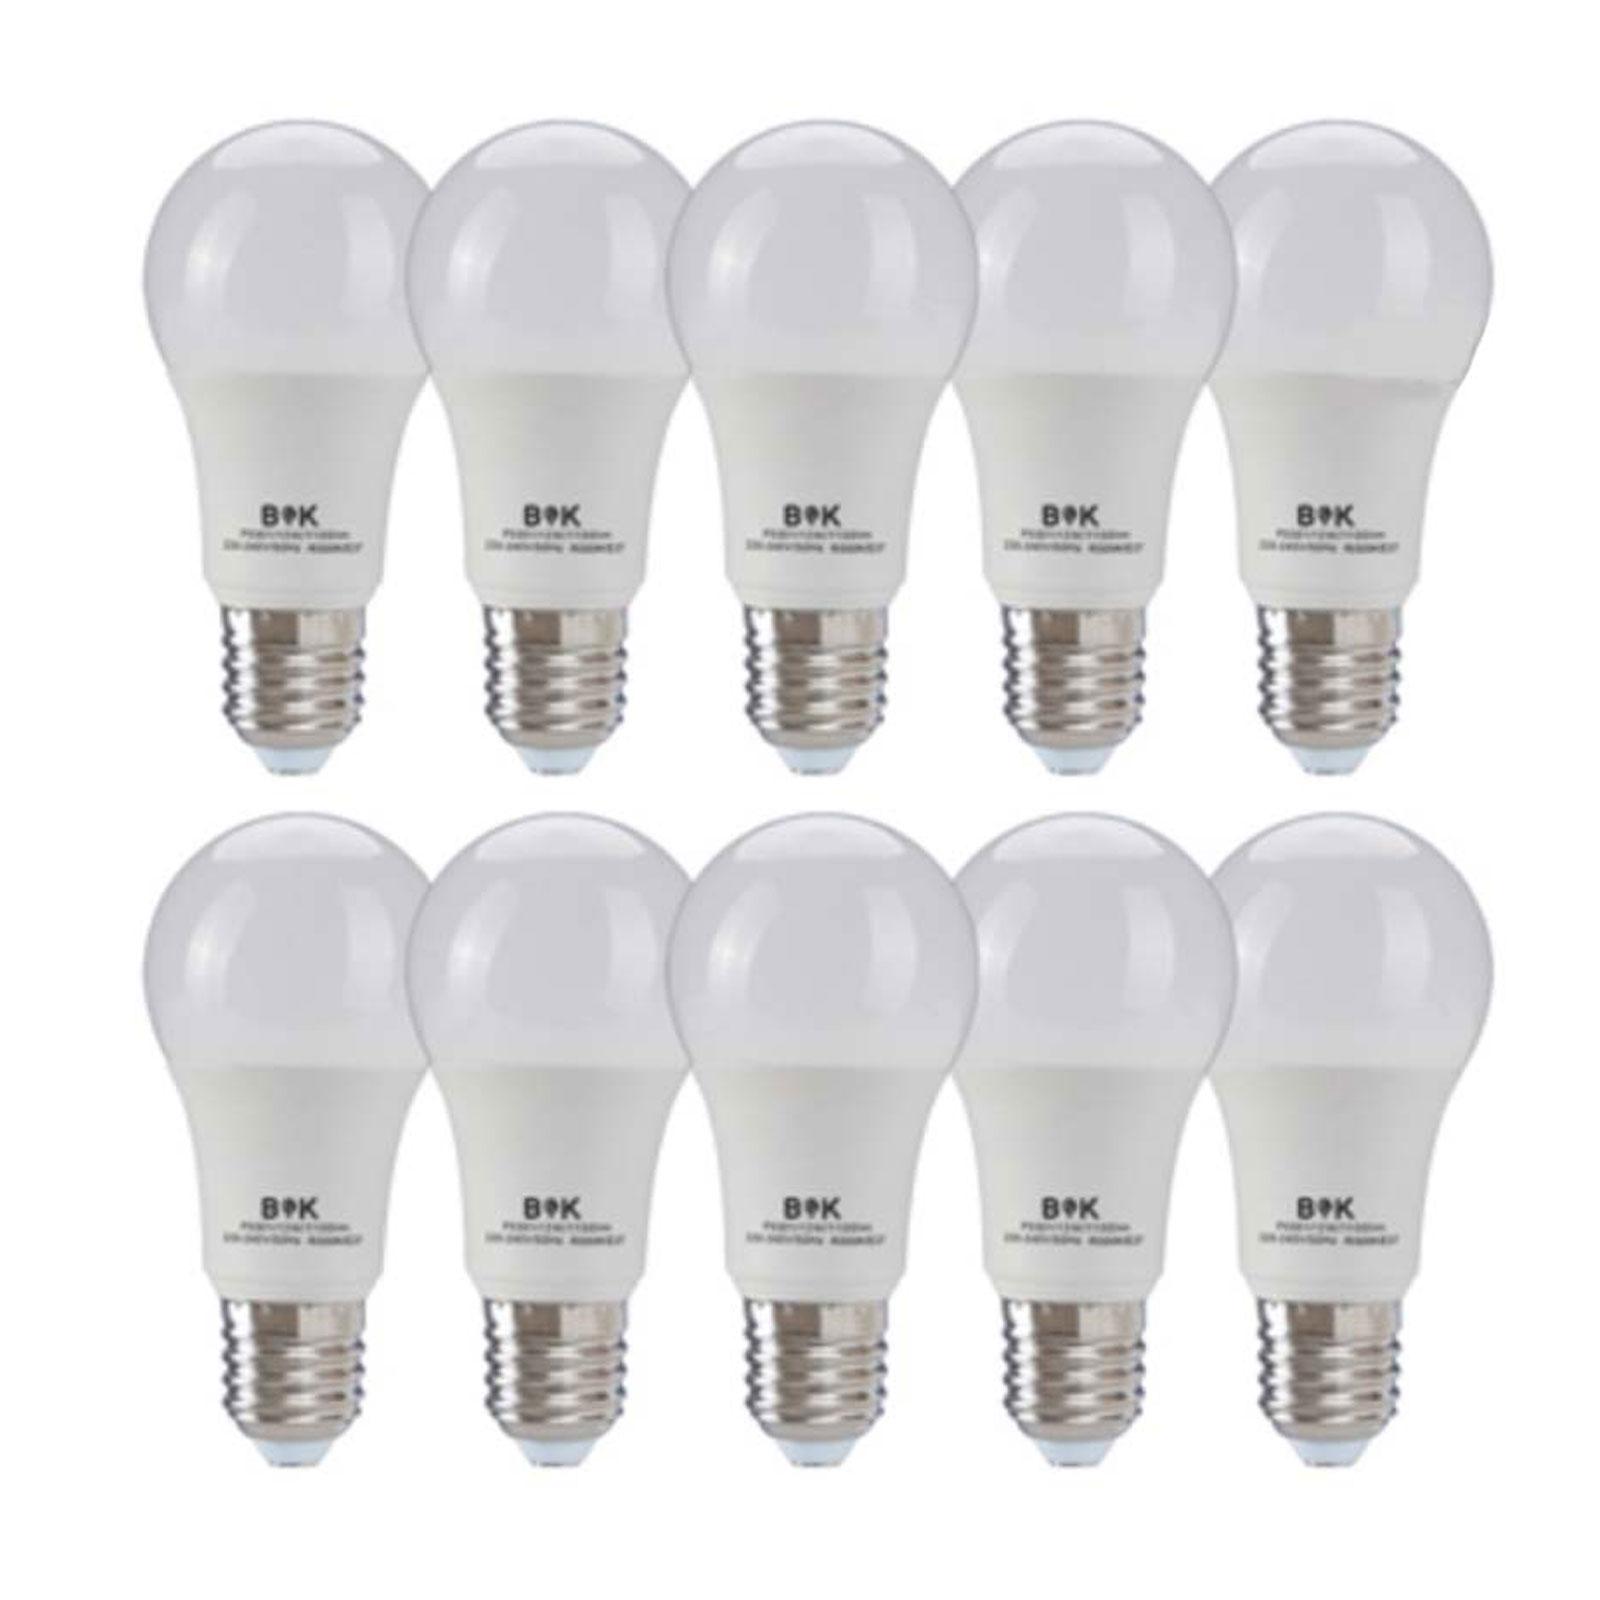 لامپ ال ای دی حبابی 15 وات بابک بسته 10 عددی